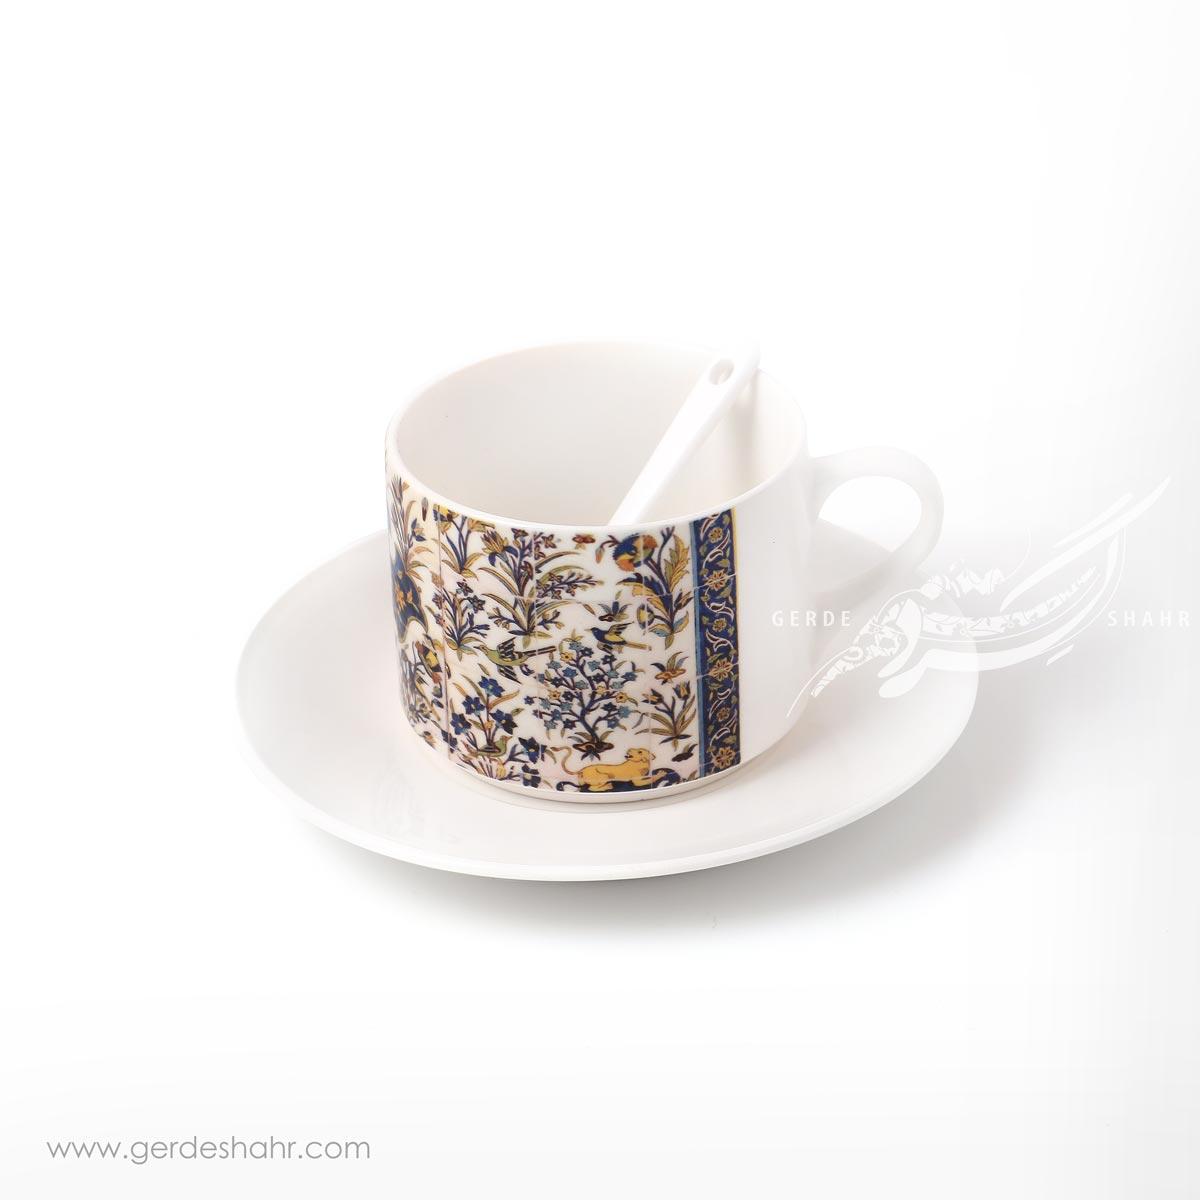 فنجان نعلبکی طرح کاشی 2 پیکتومن محصولات